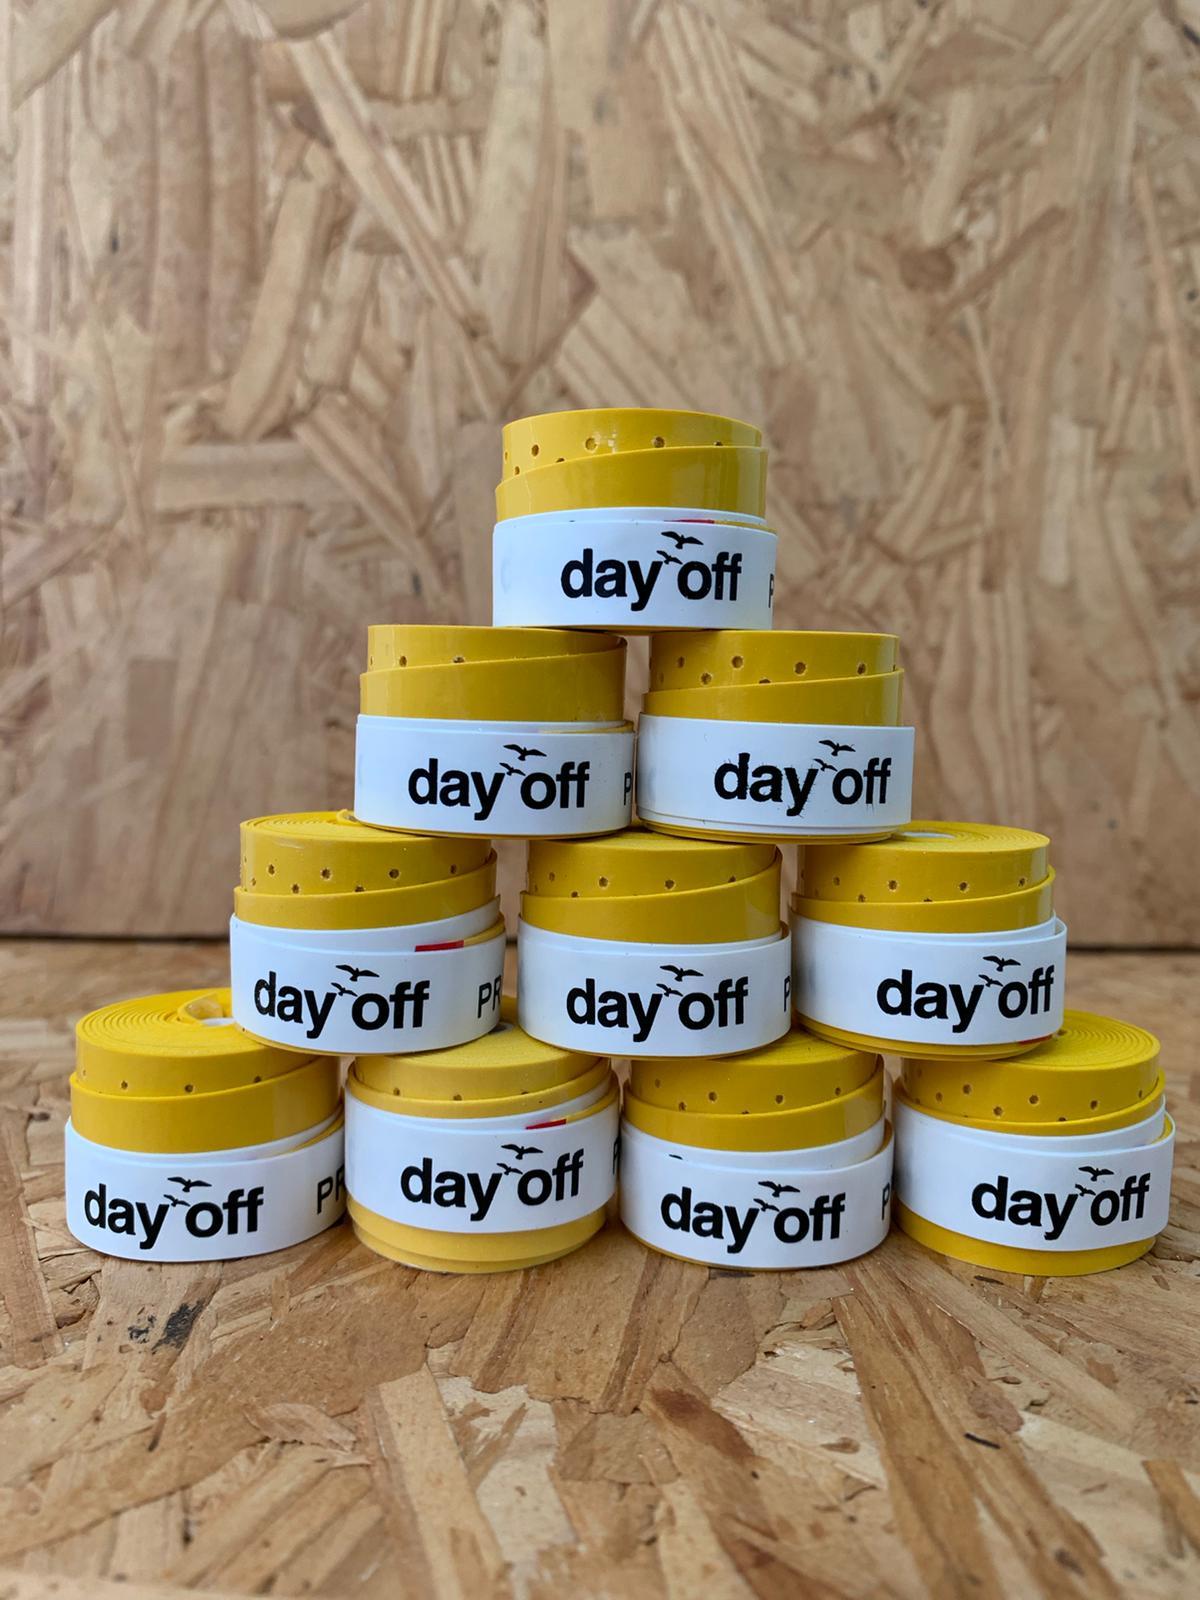 KIT com 3 Overgripes Day Off SUPERIOR - Todos da mesma cor.